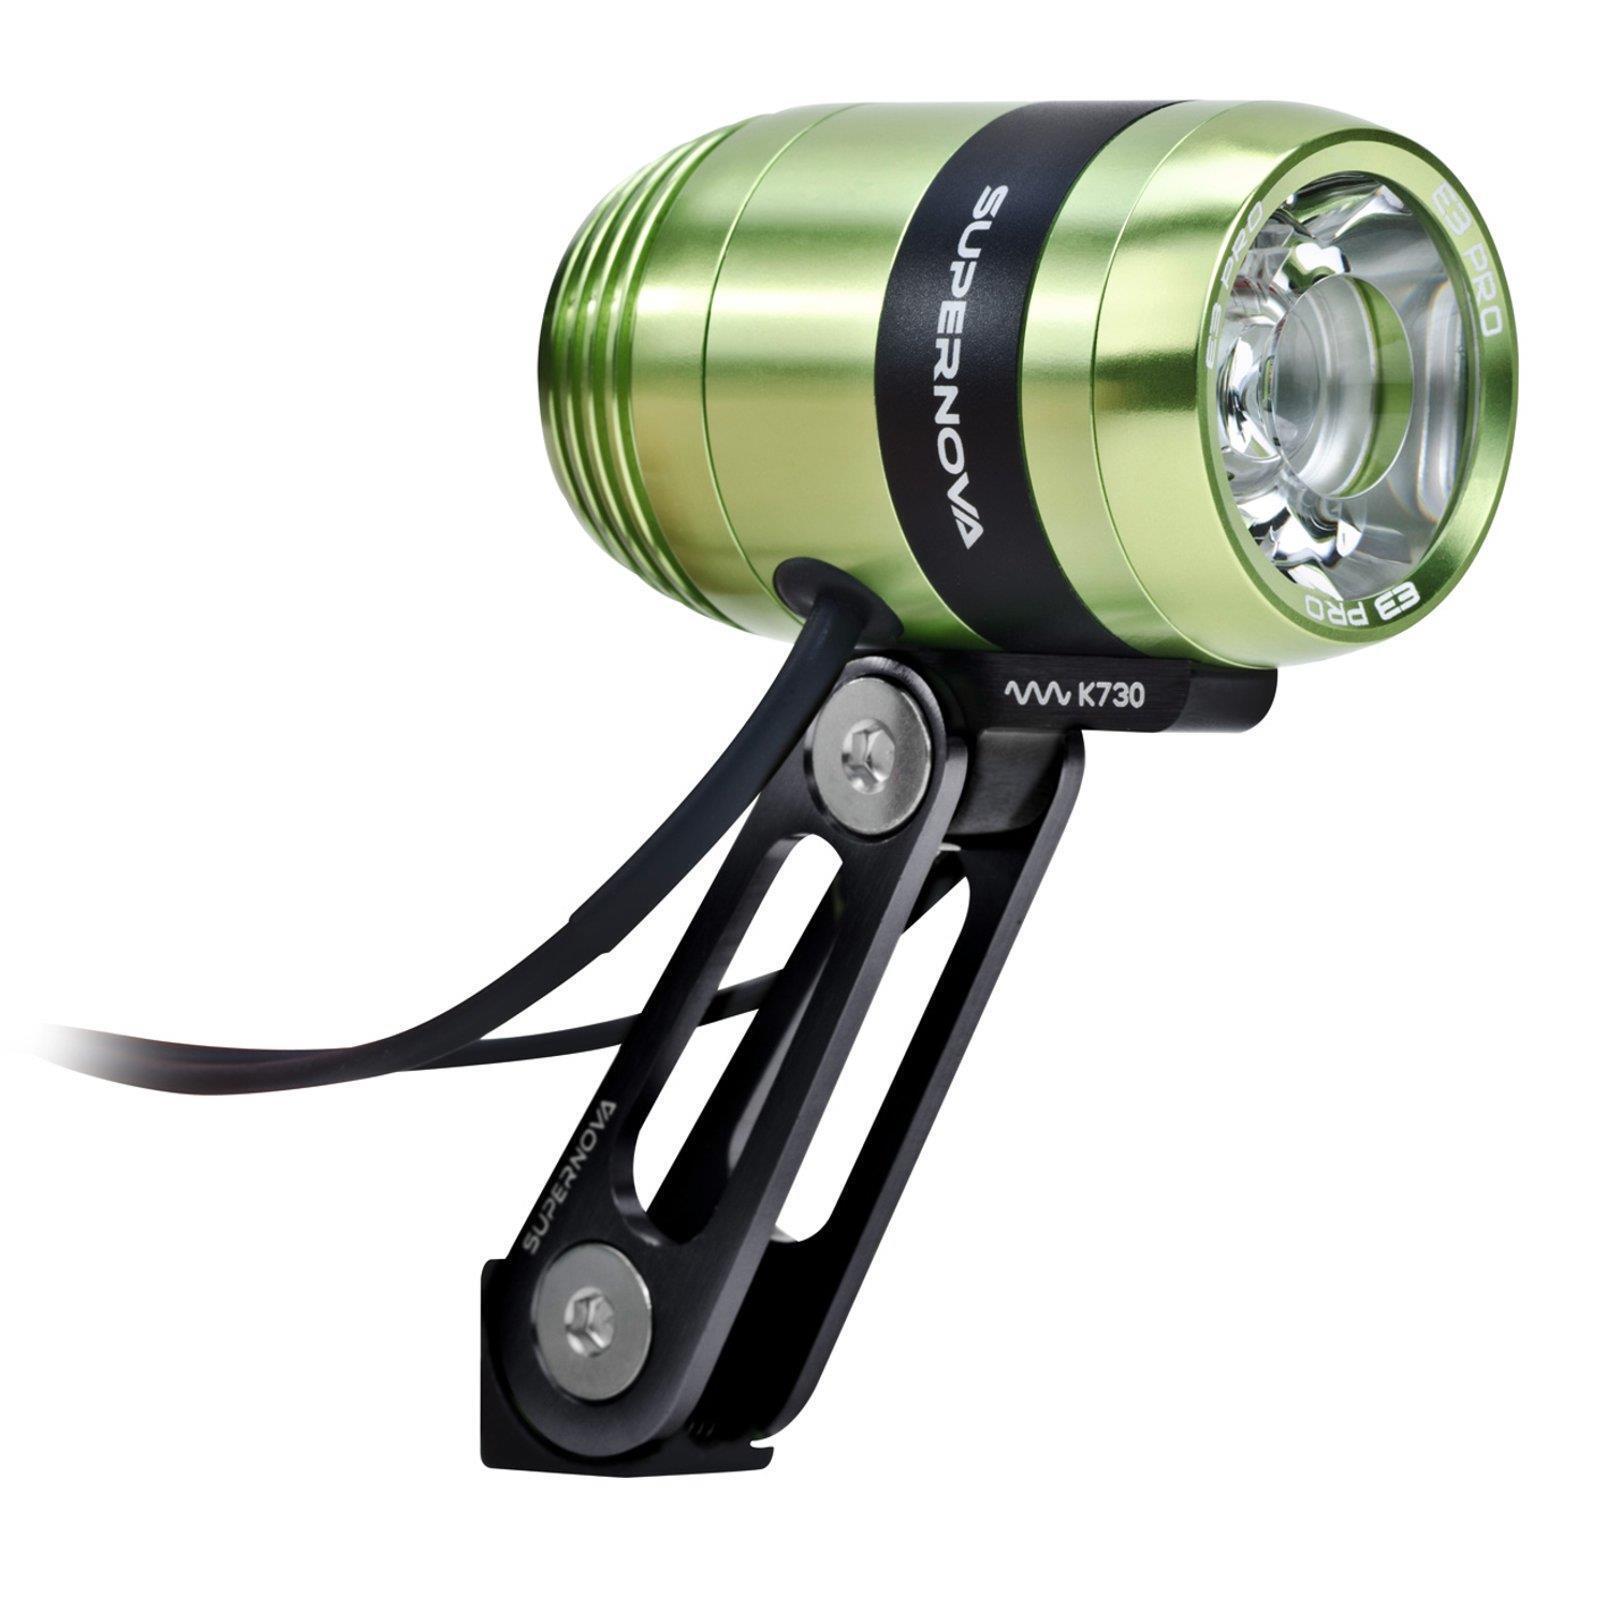 Supernova e3 Pro 2 LED DINAMO lampada bicicletta verde 205 Lumen luce di posizione 6v 3w AC